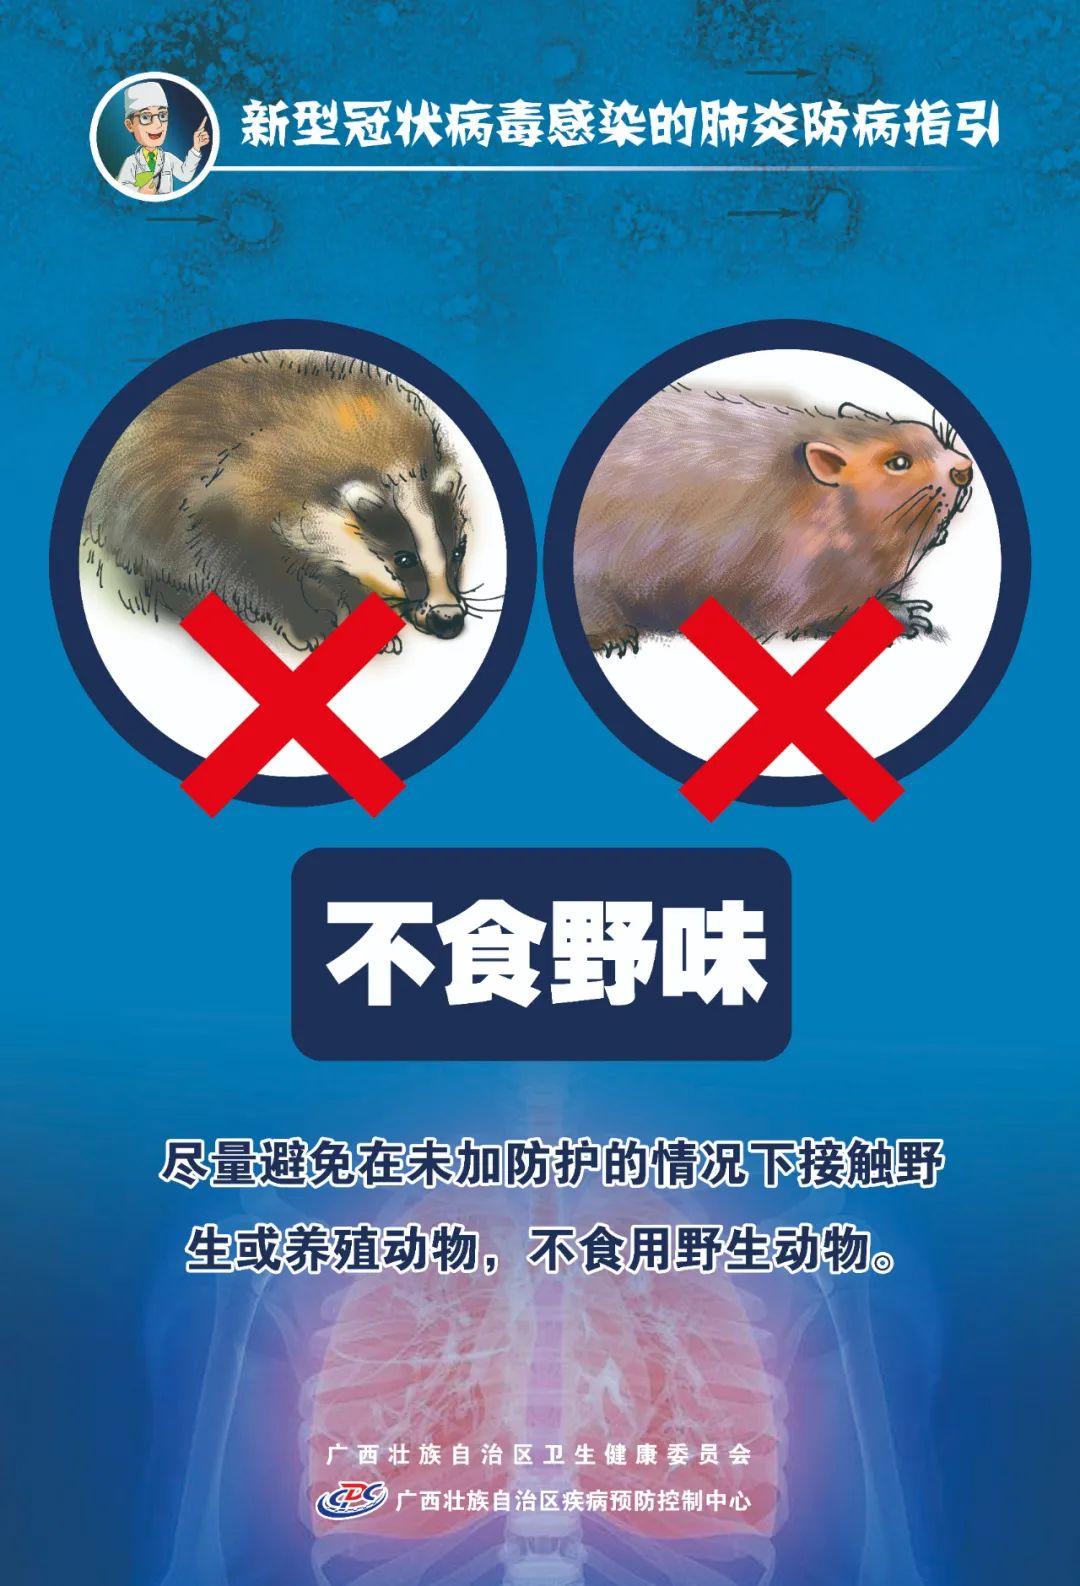 聚餐控制在10人以下!广西发布春节疫情防控建议